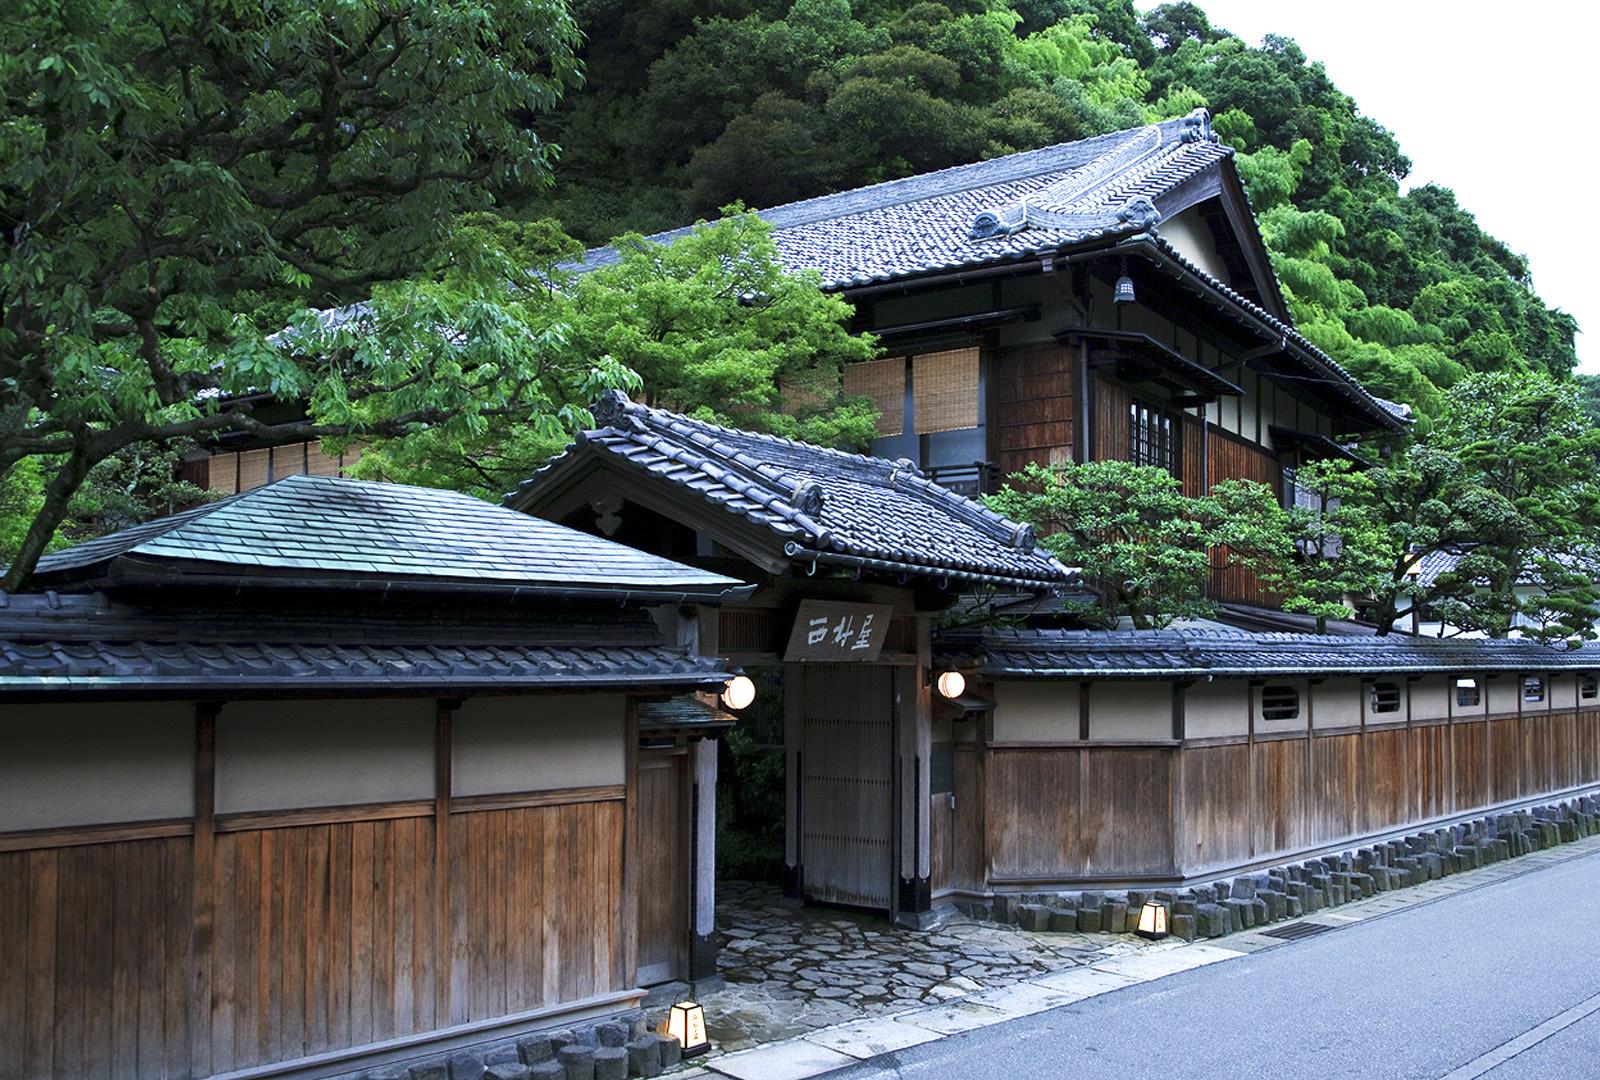 【高時給】老舗旅館おもてなしを学ぶ☆城崎温泉での接客業務